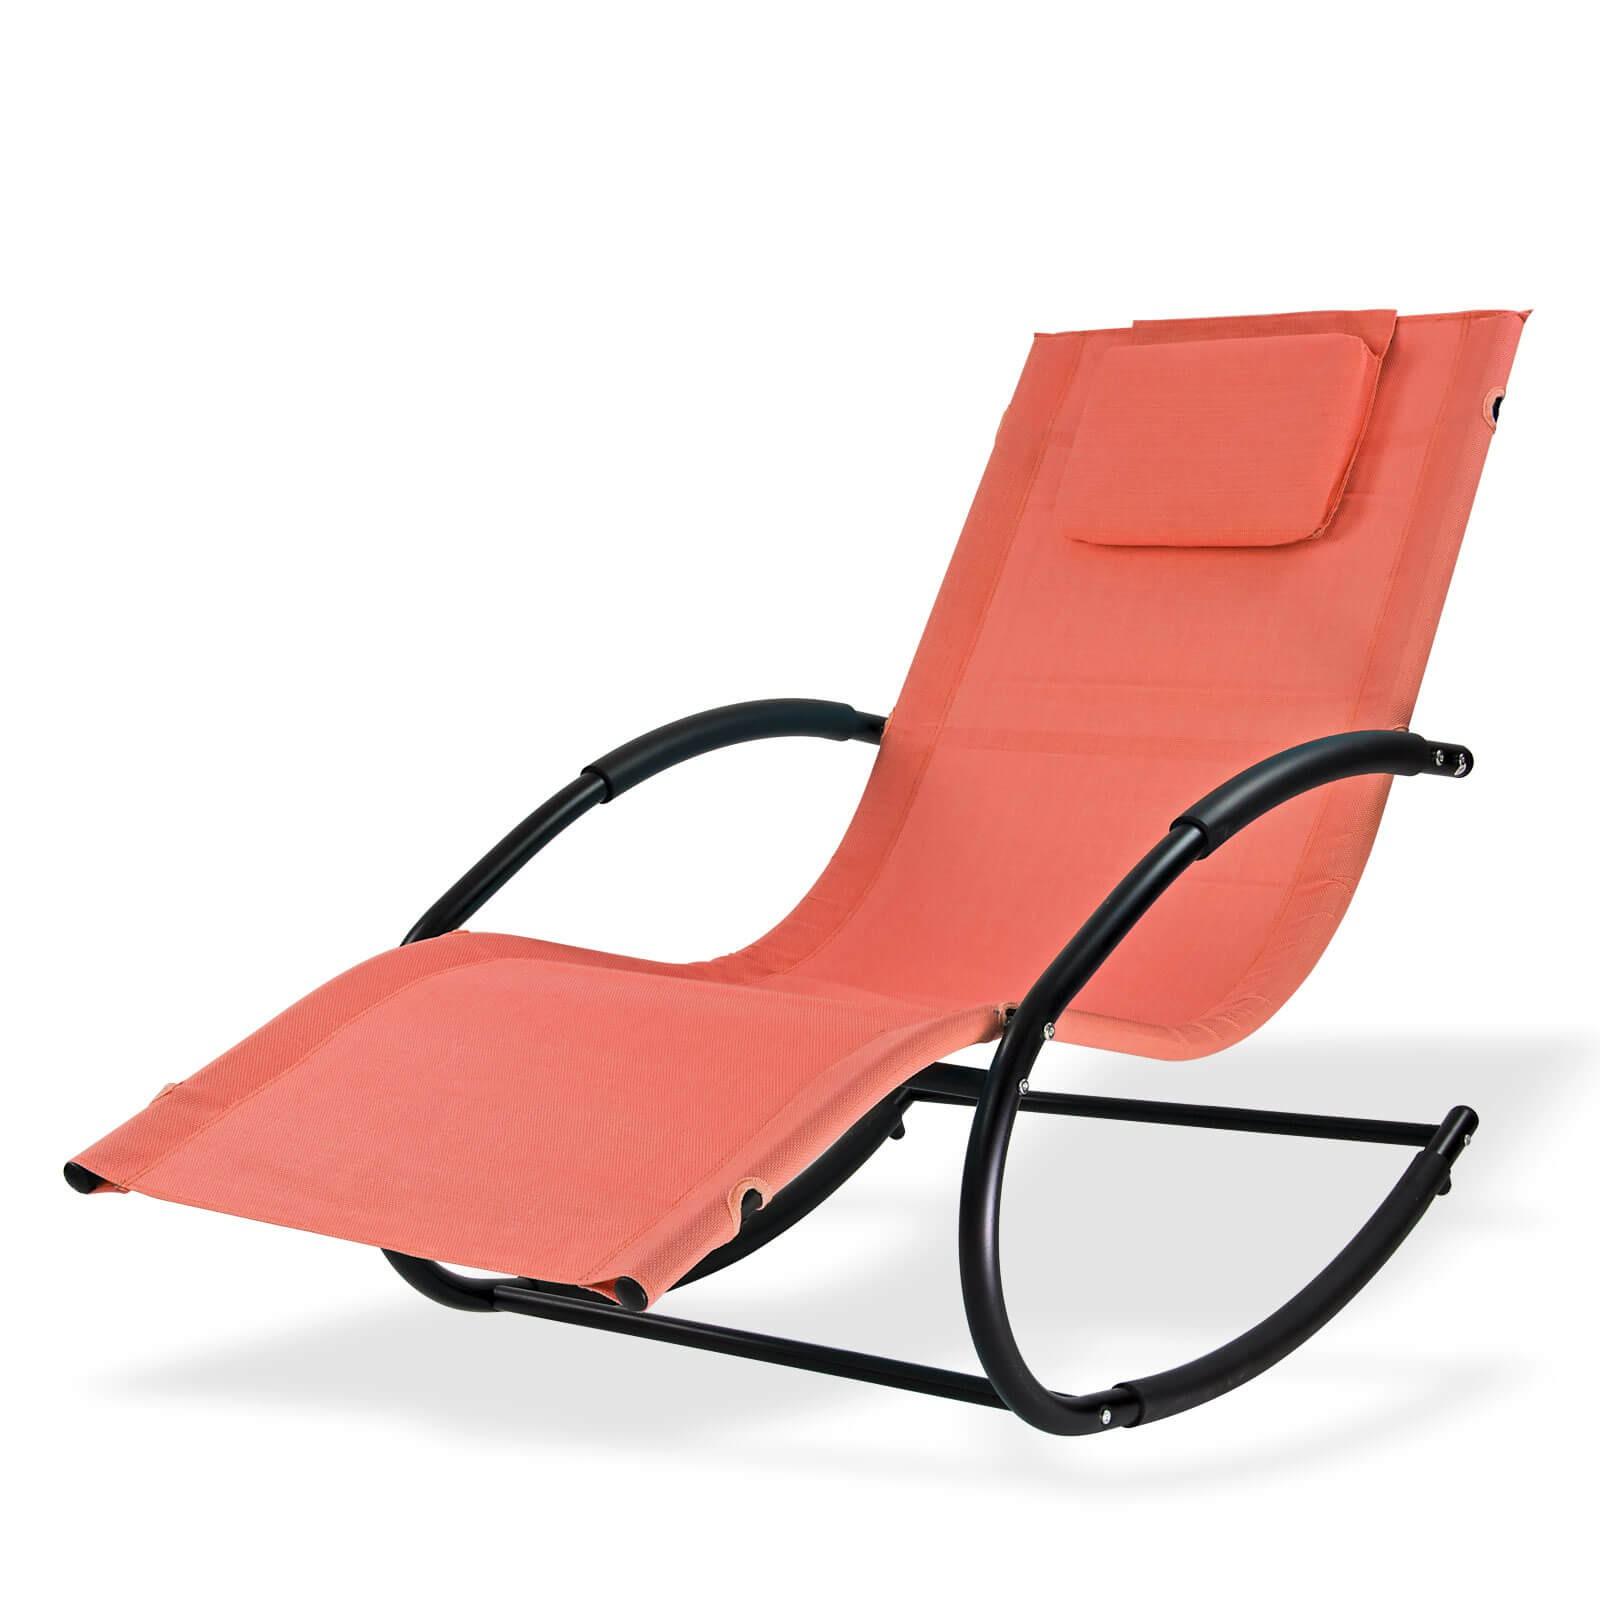 Dema Relaxliege Sonnenliege Gartenliege Liegestuhl Schaukelliege Swing Terracotta 94087